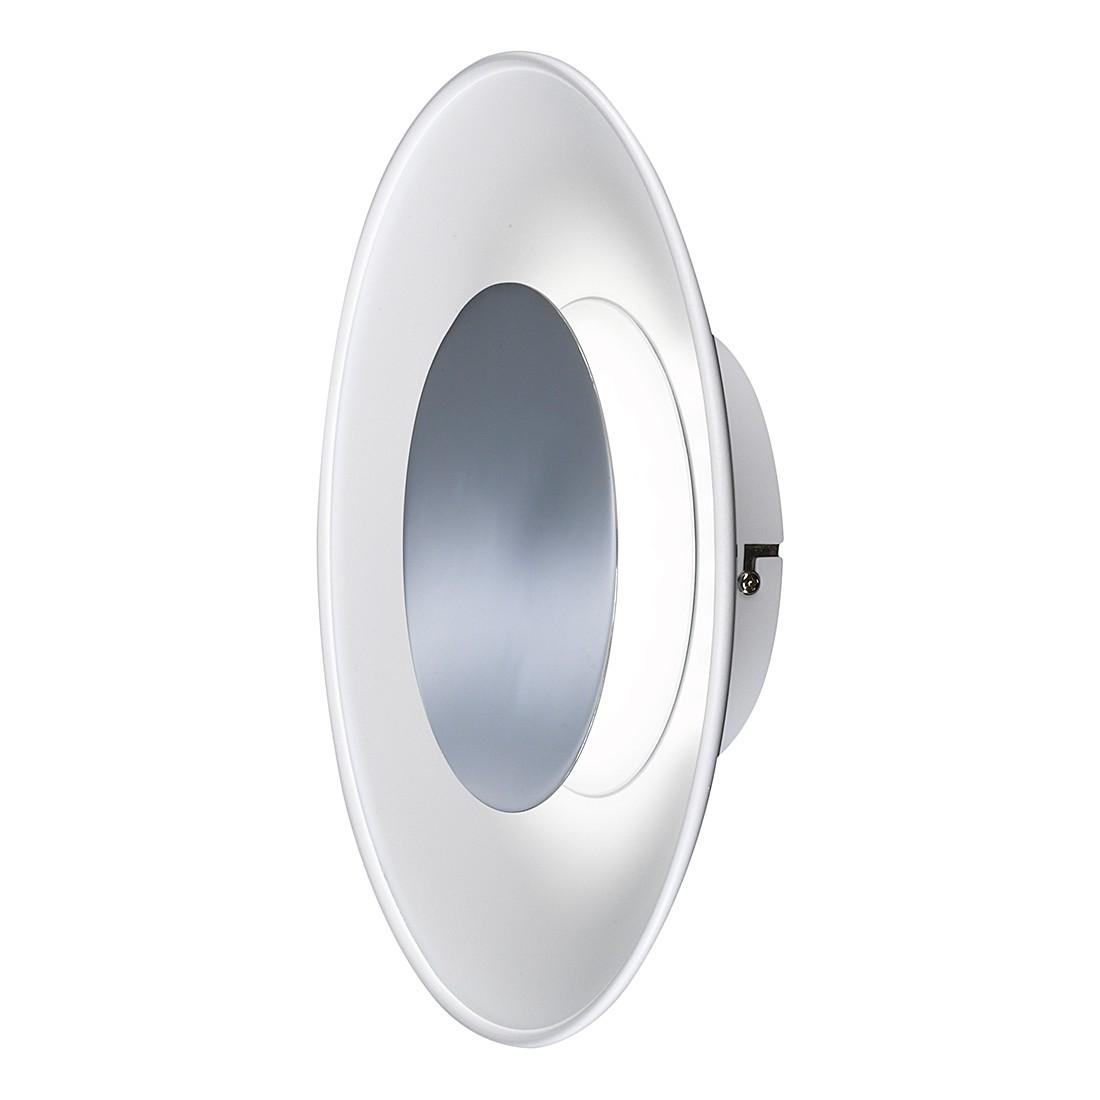 deckenleuchte rondo metall kunststoff 1 flammig lux a g nstig bestellen. Black Bedroom Furniture Sets. Home Design Ideas